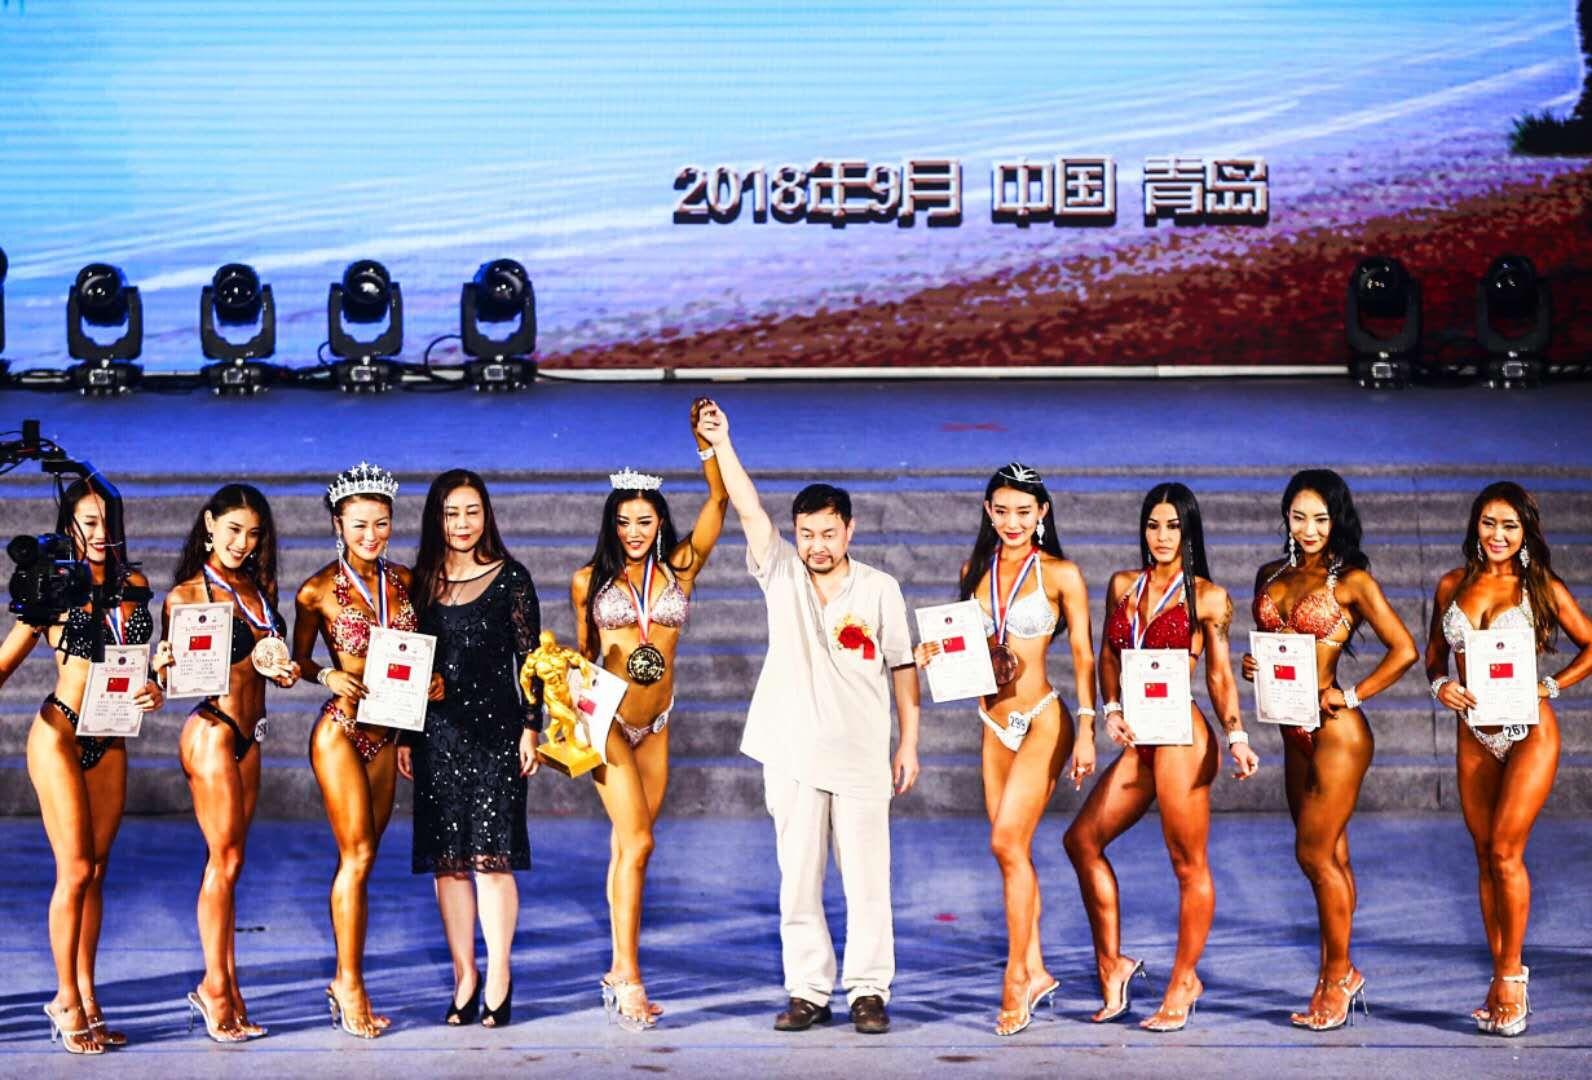 2018青岛国际健美大赛现场,乔领为获奖冠军授奖1